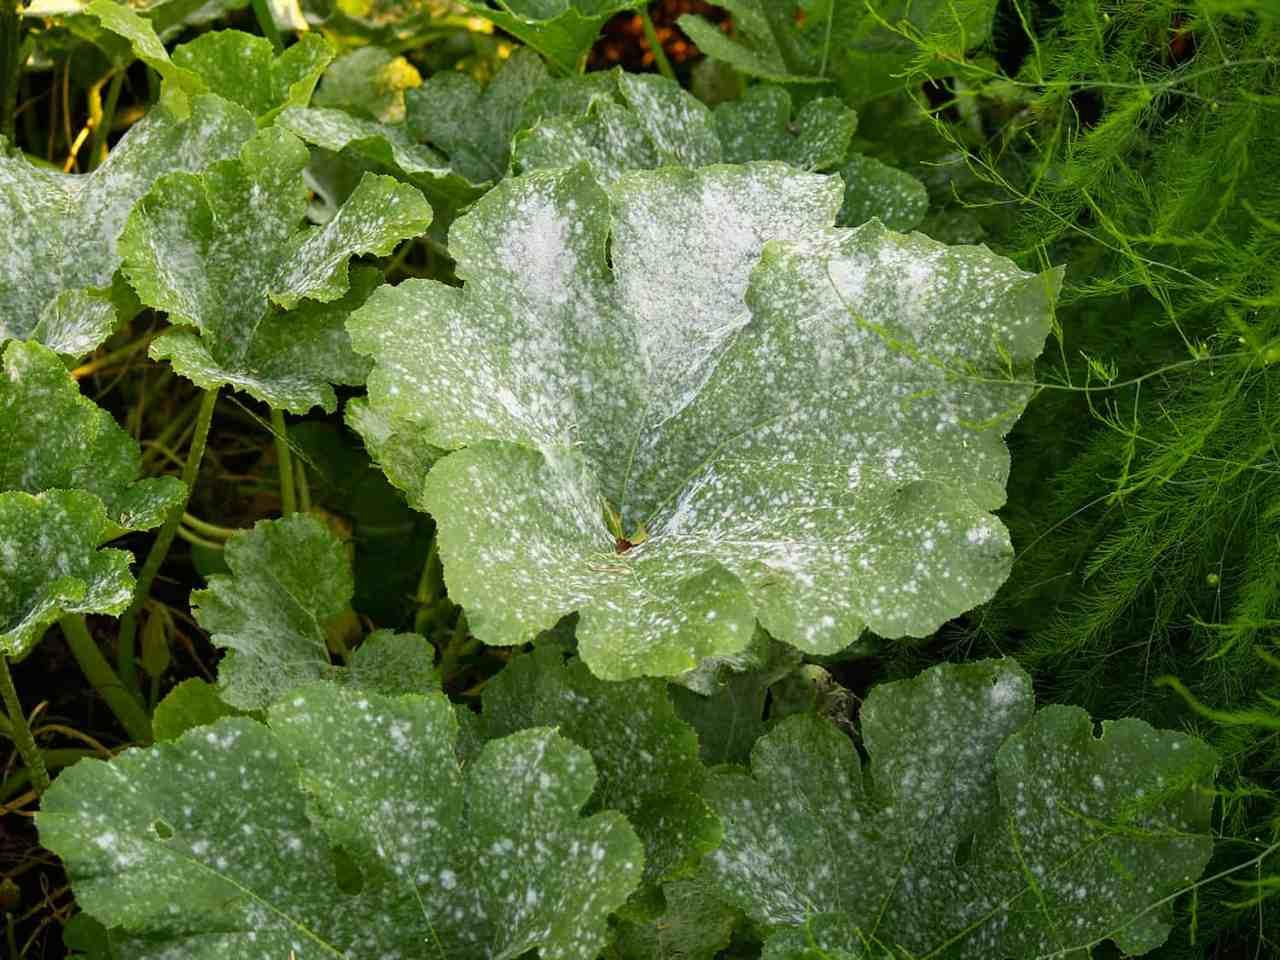 Infección por mildiú polvoriento en calabaza